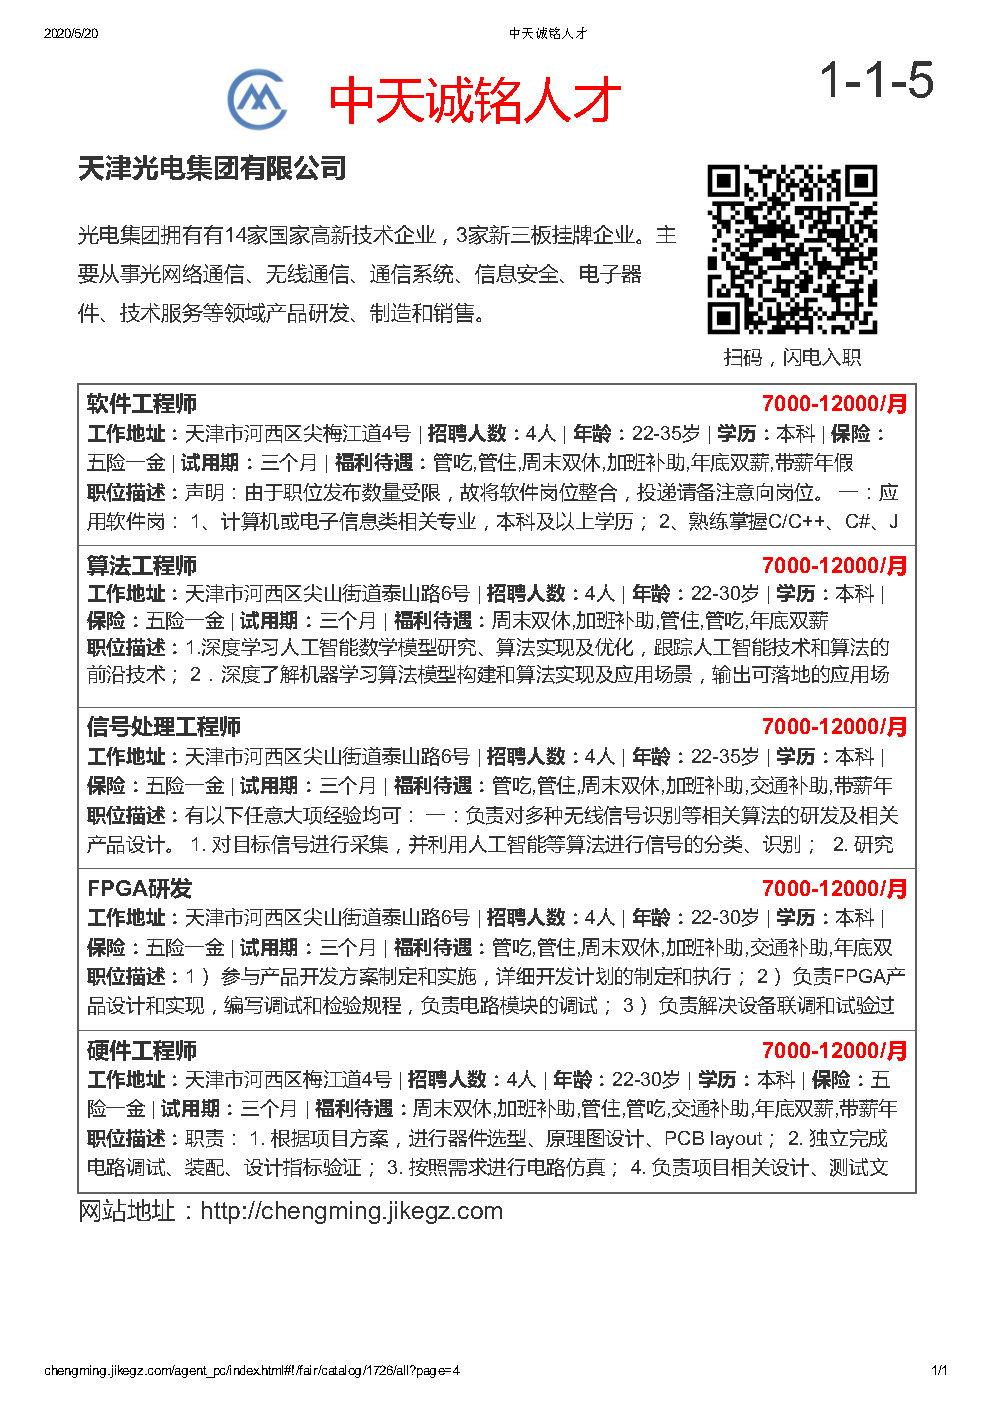 天津光电集团有限公司.jpg